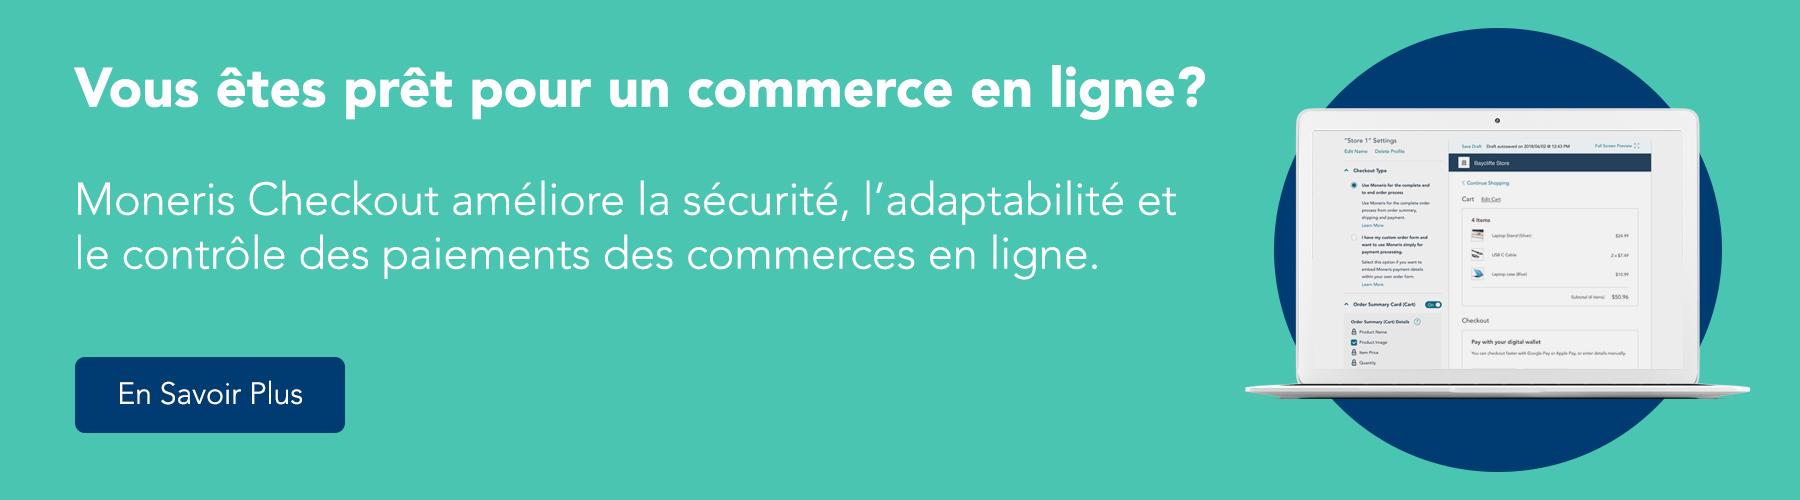 Vous êtes prêt pour un commerce en ligne? Moneris Checkout améliore la sécurité, l'adaptabilité et le contrôle des paiements des commerces en ligne. En savoir plus!